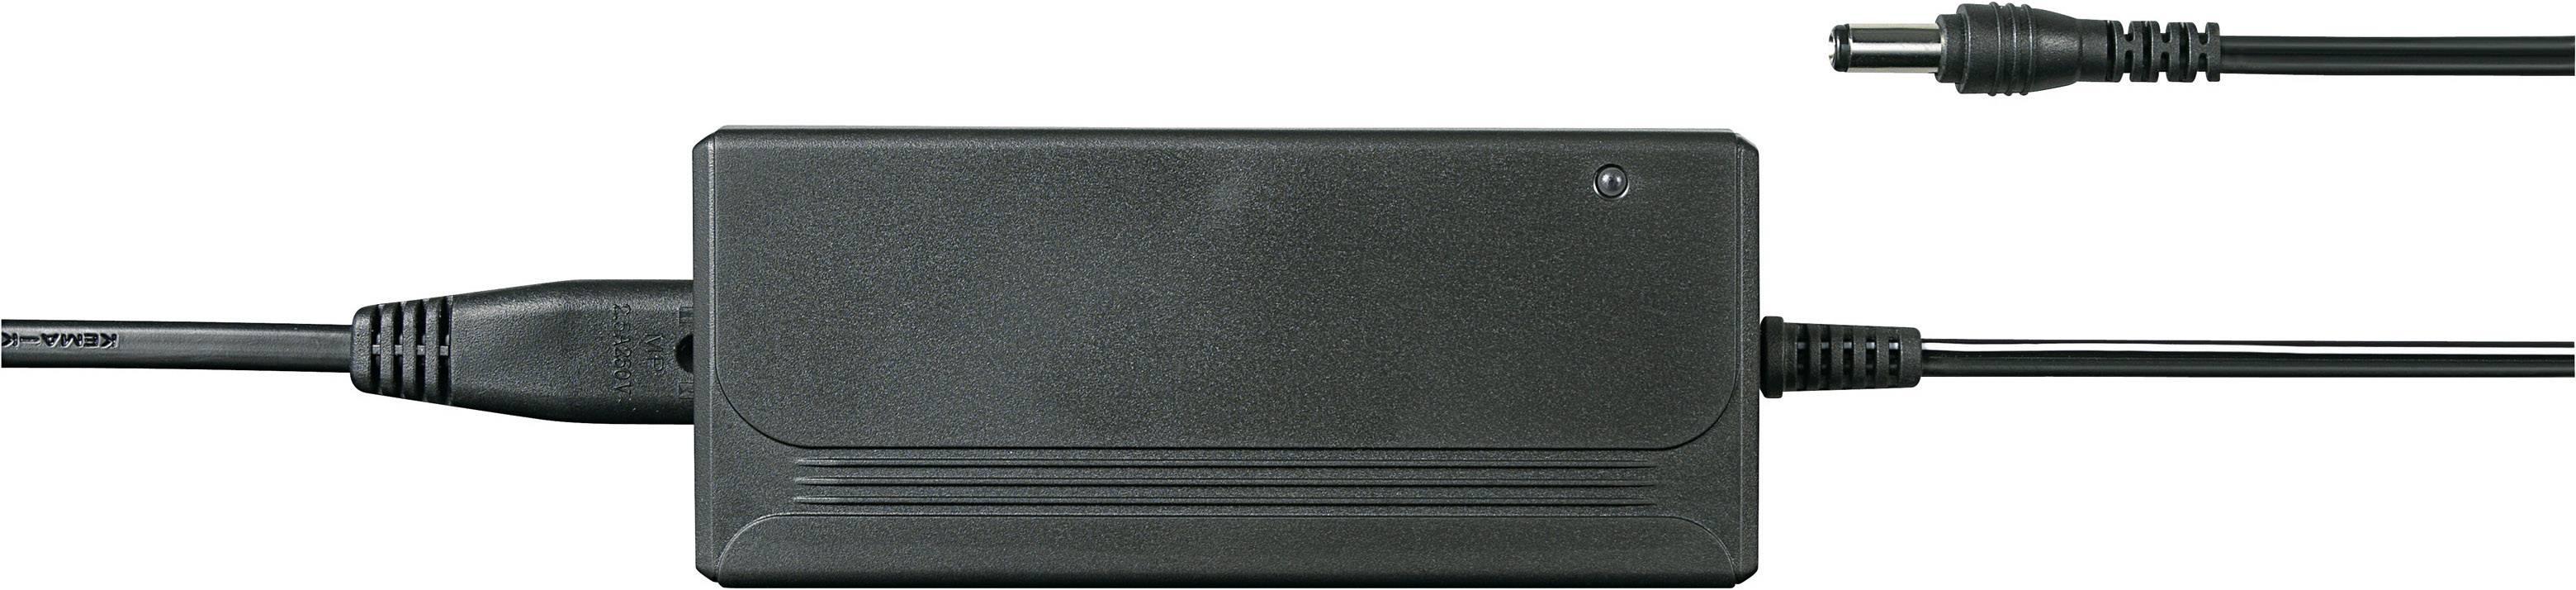 Síťový adaptér Voltcraft FTPS, 24 VDC, 36 W